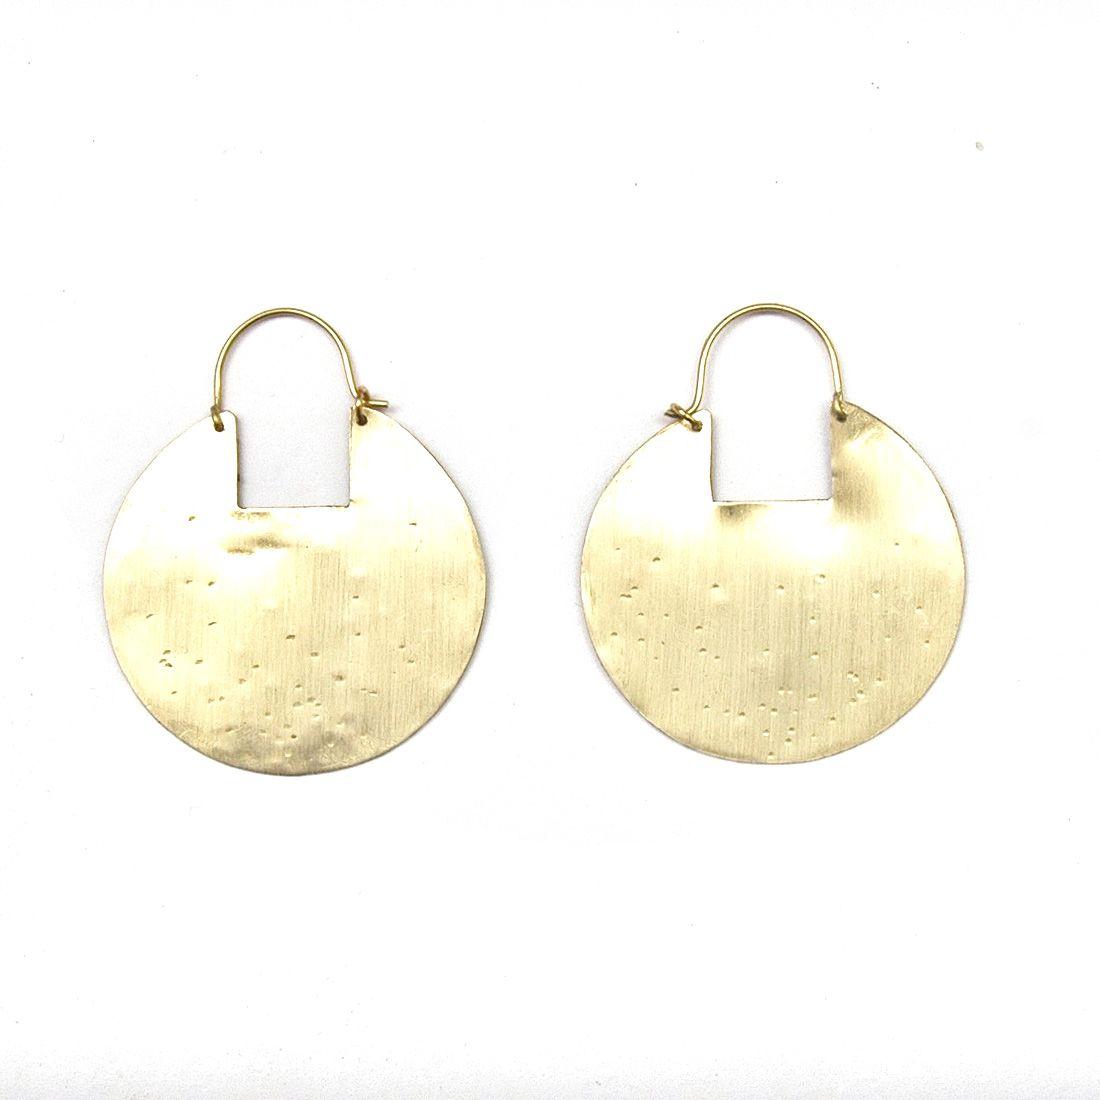 Full Moon Brass Earrings #brass #earrings #jewellery #giftsforher